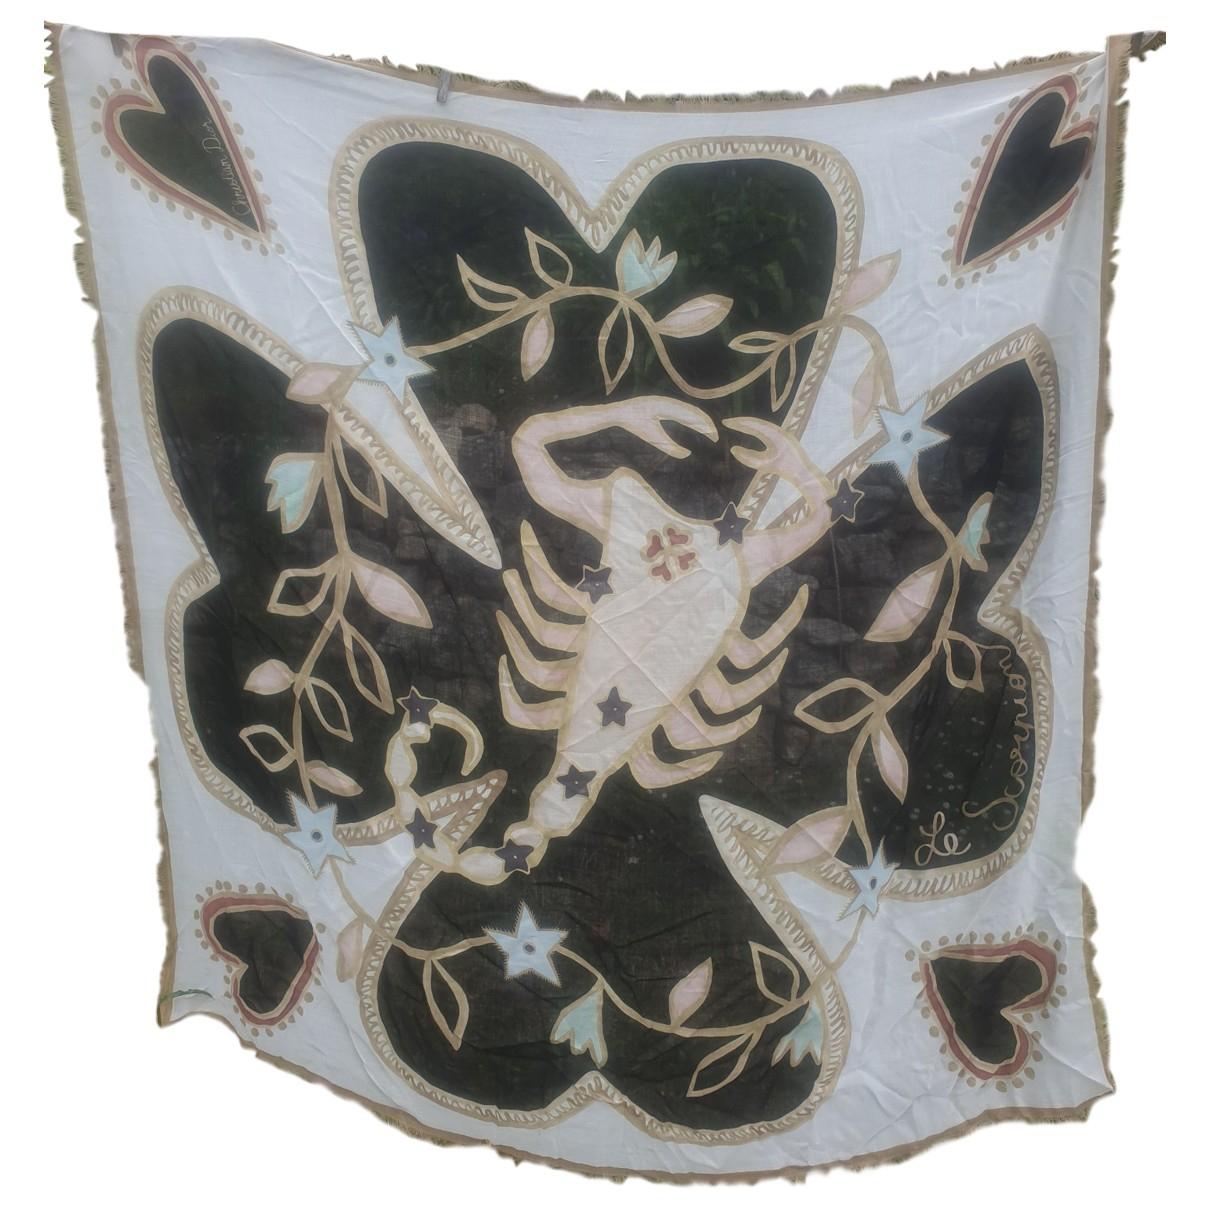 Dior - Foulard   pour femme en laine - marron